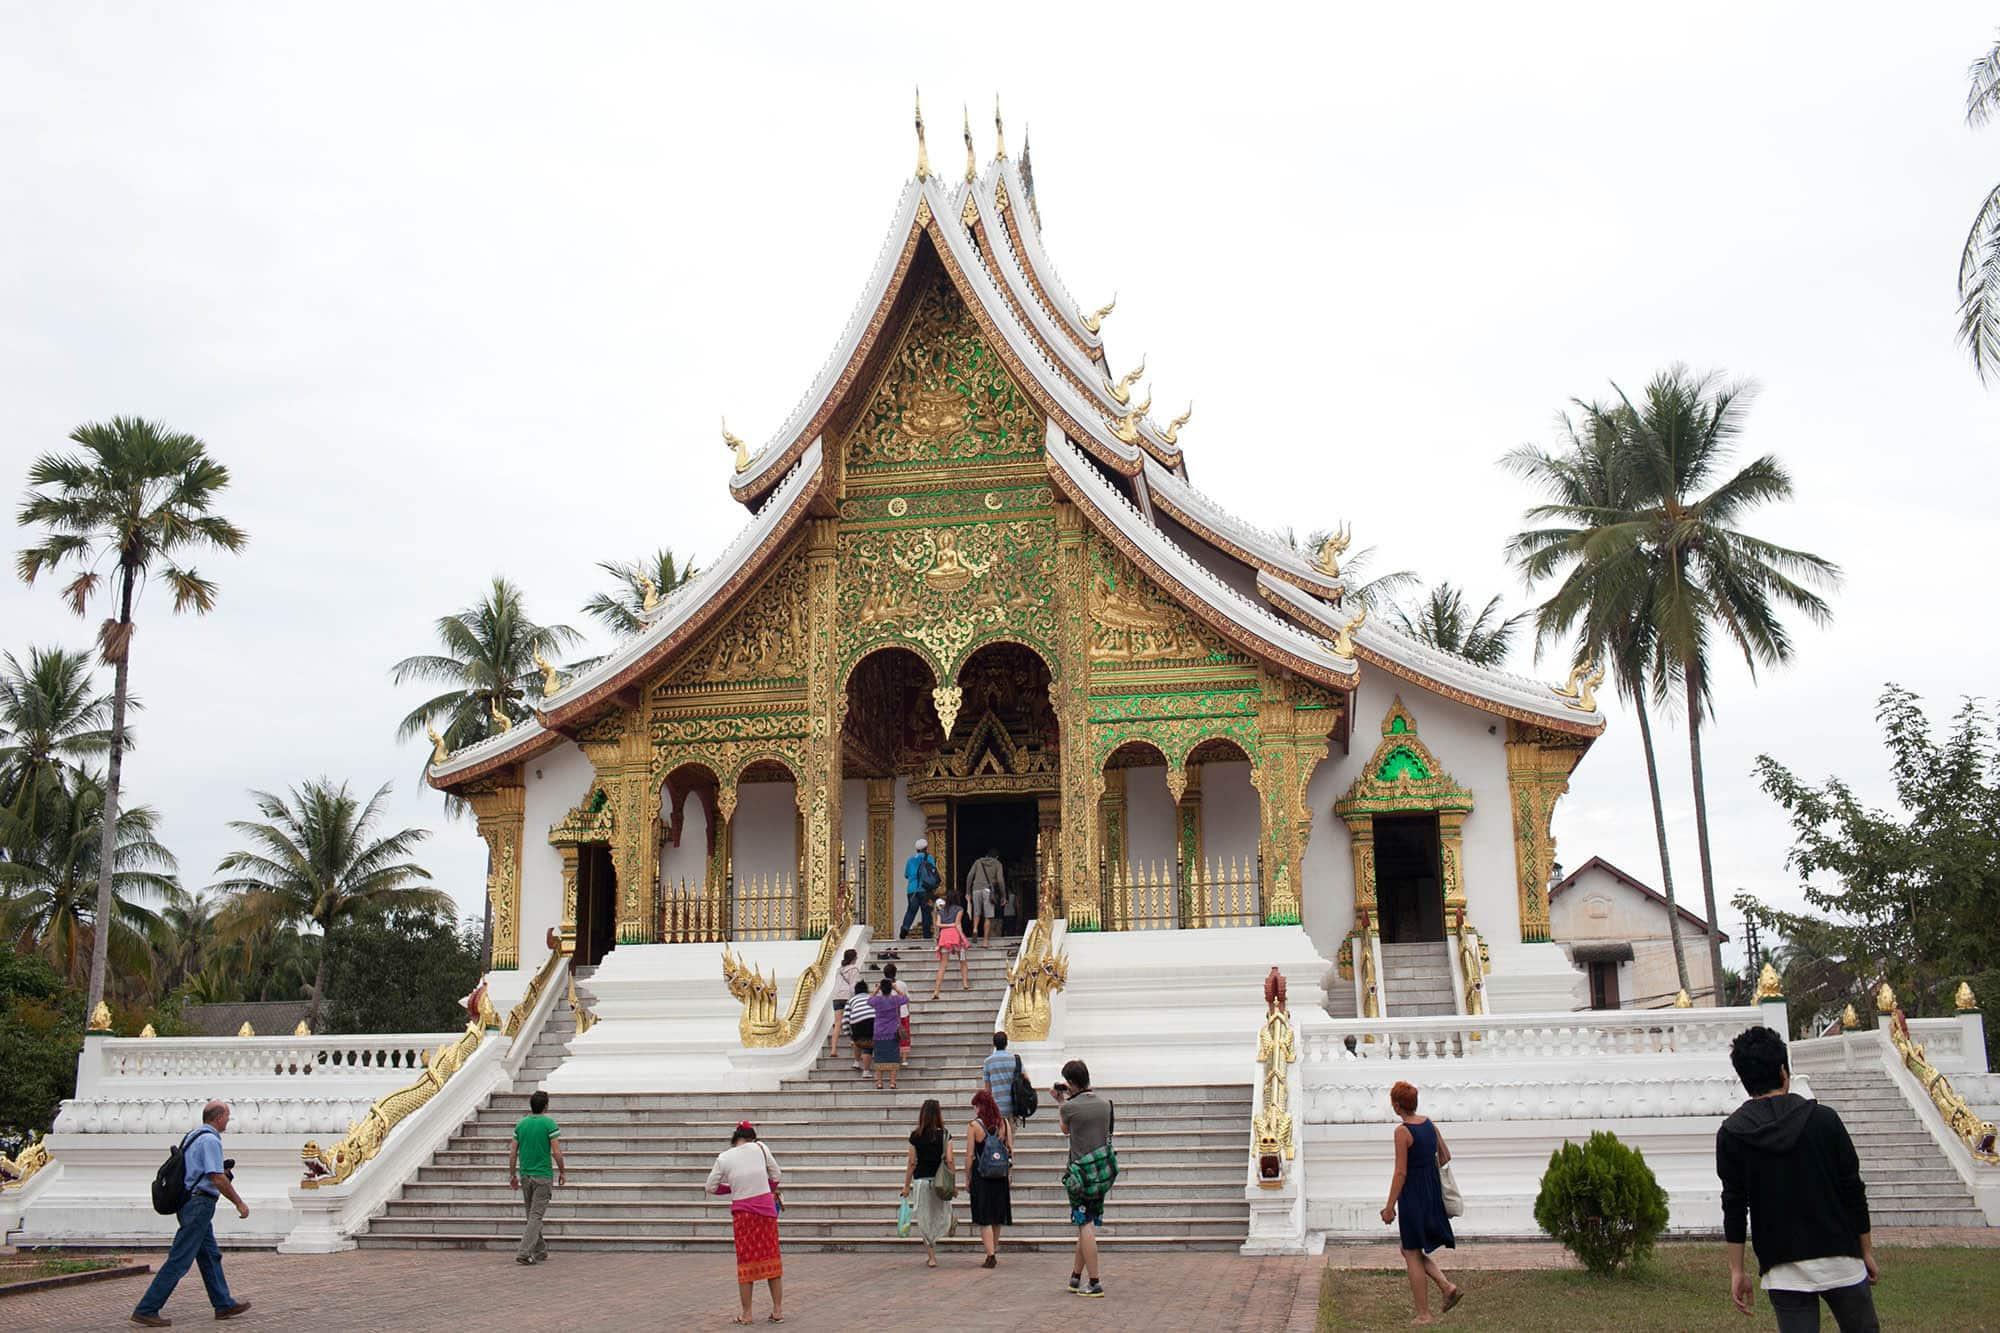 Museum in Luang Prabang, Laos.